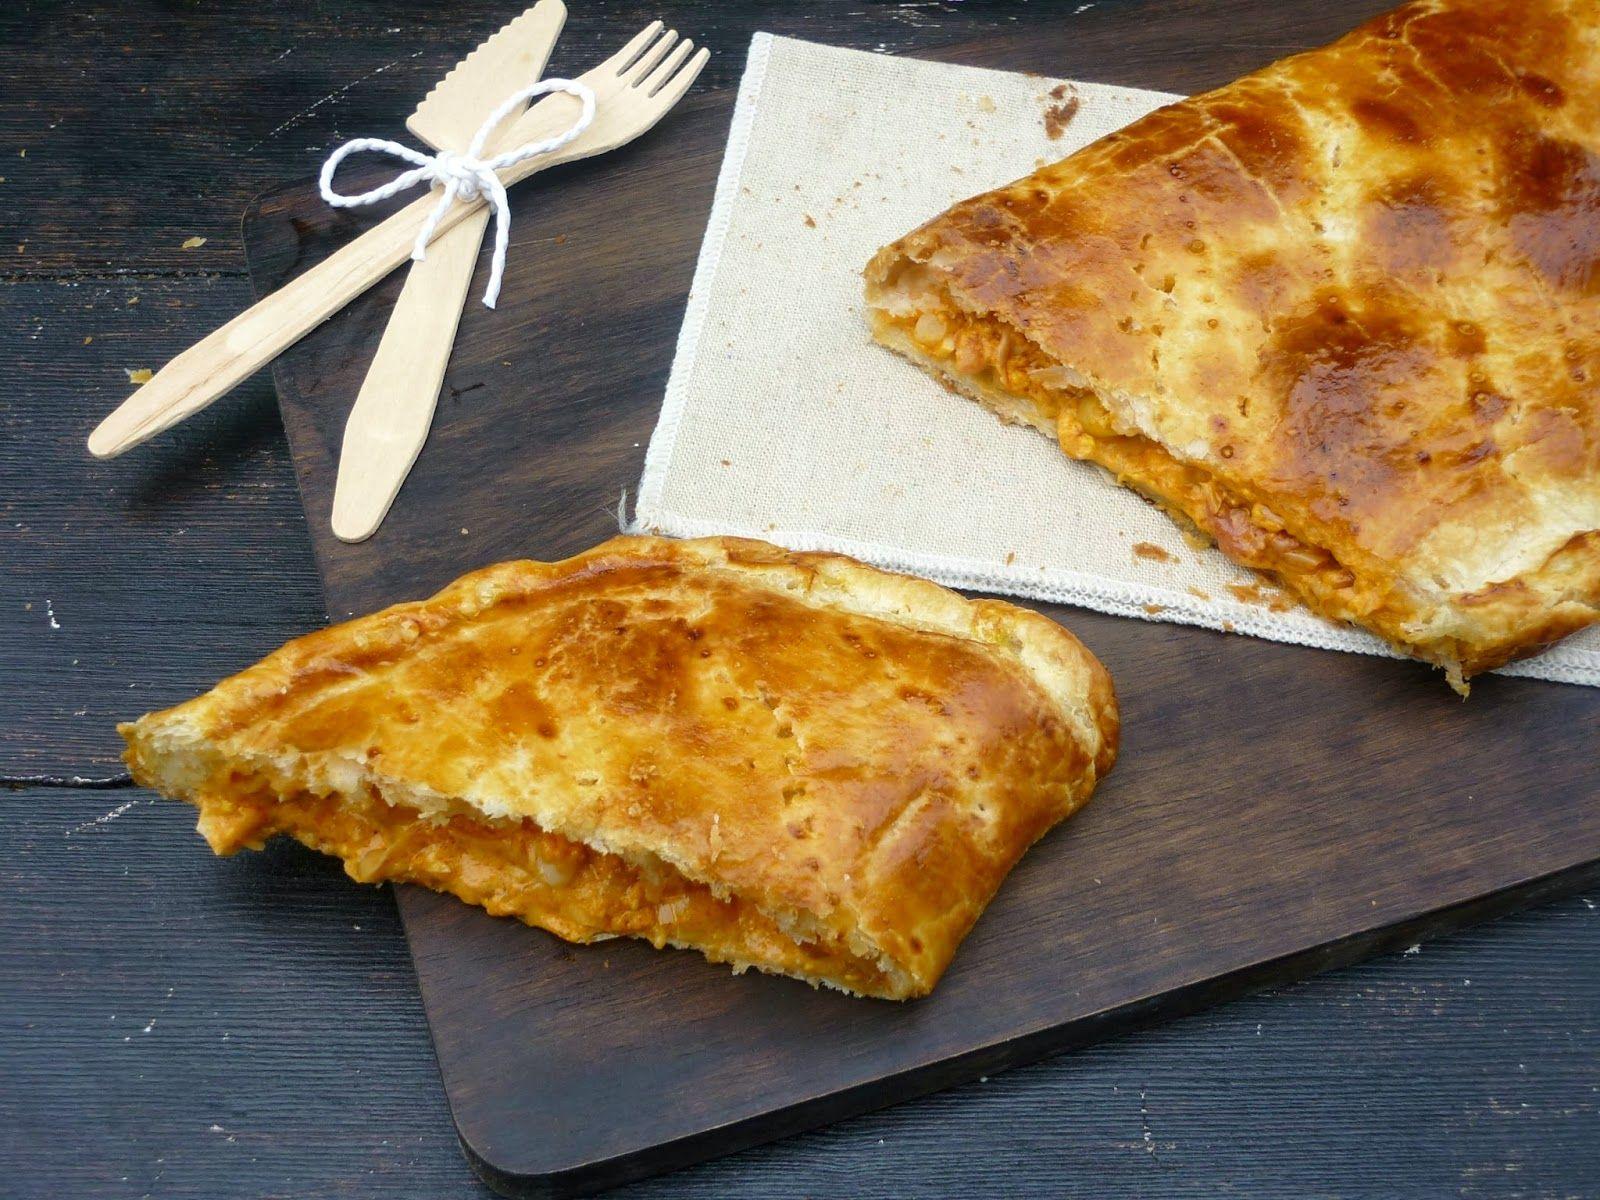 Empanada de hojaldre de puerro y bacon